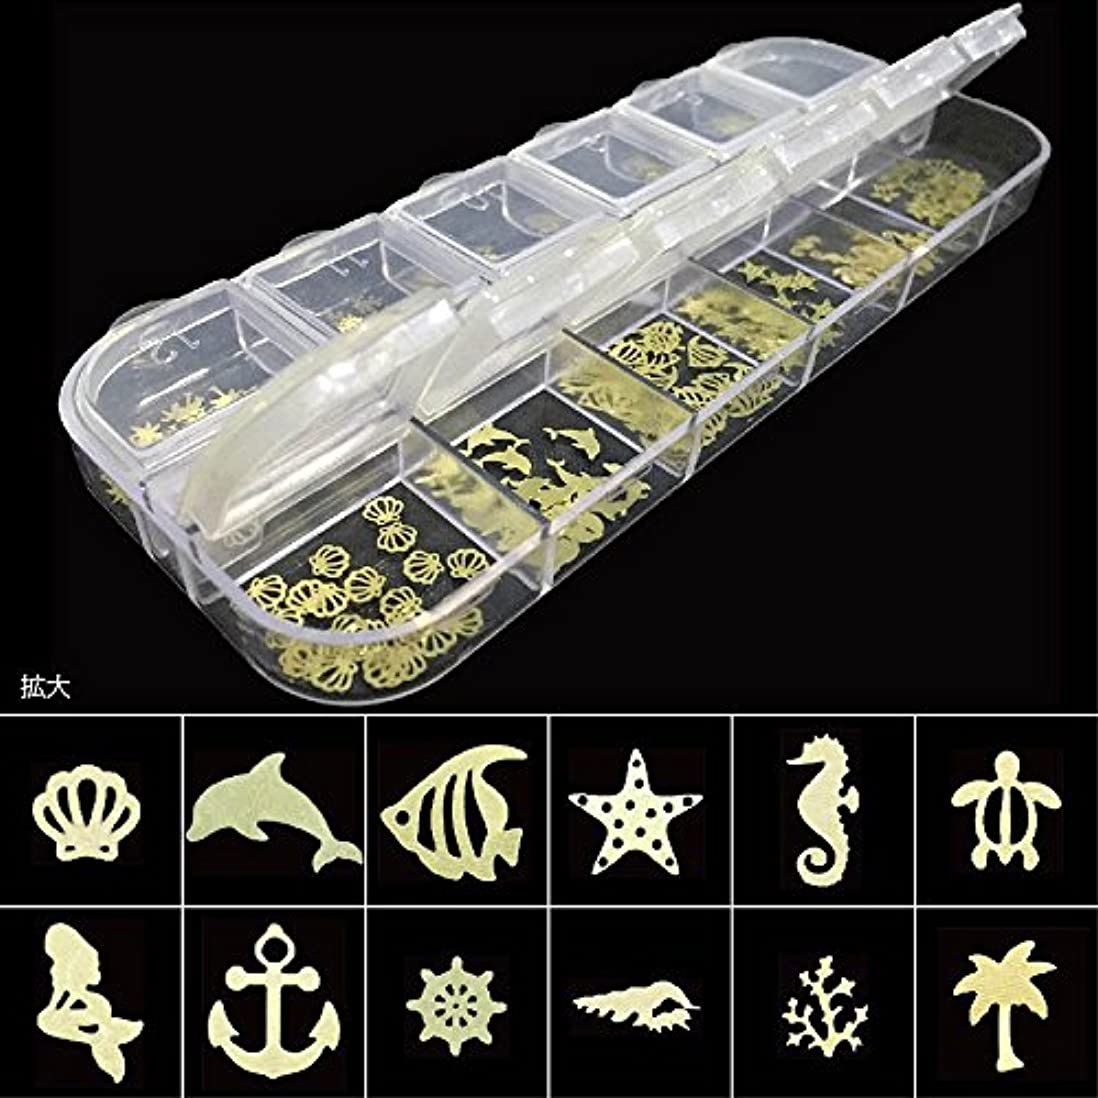 エピソードアクション温室薄型メタル パーツ ゴールド240枚 ネイル&レジン用 12種類×各20個ケース入 (マリン)